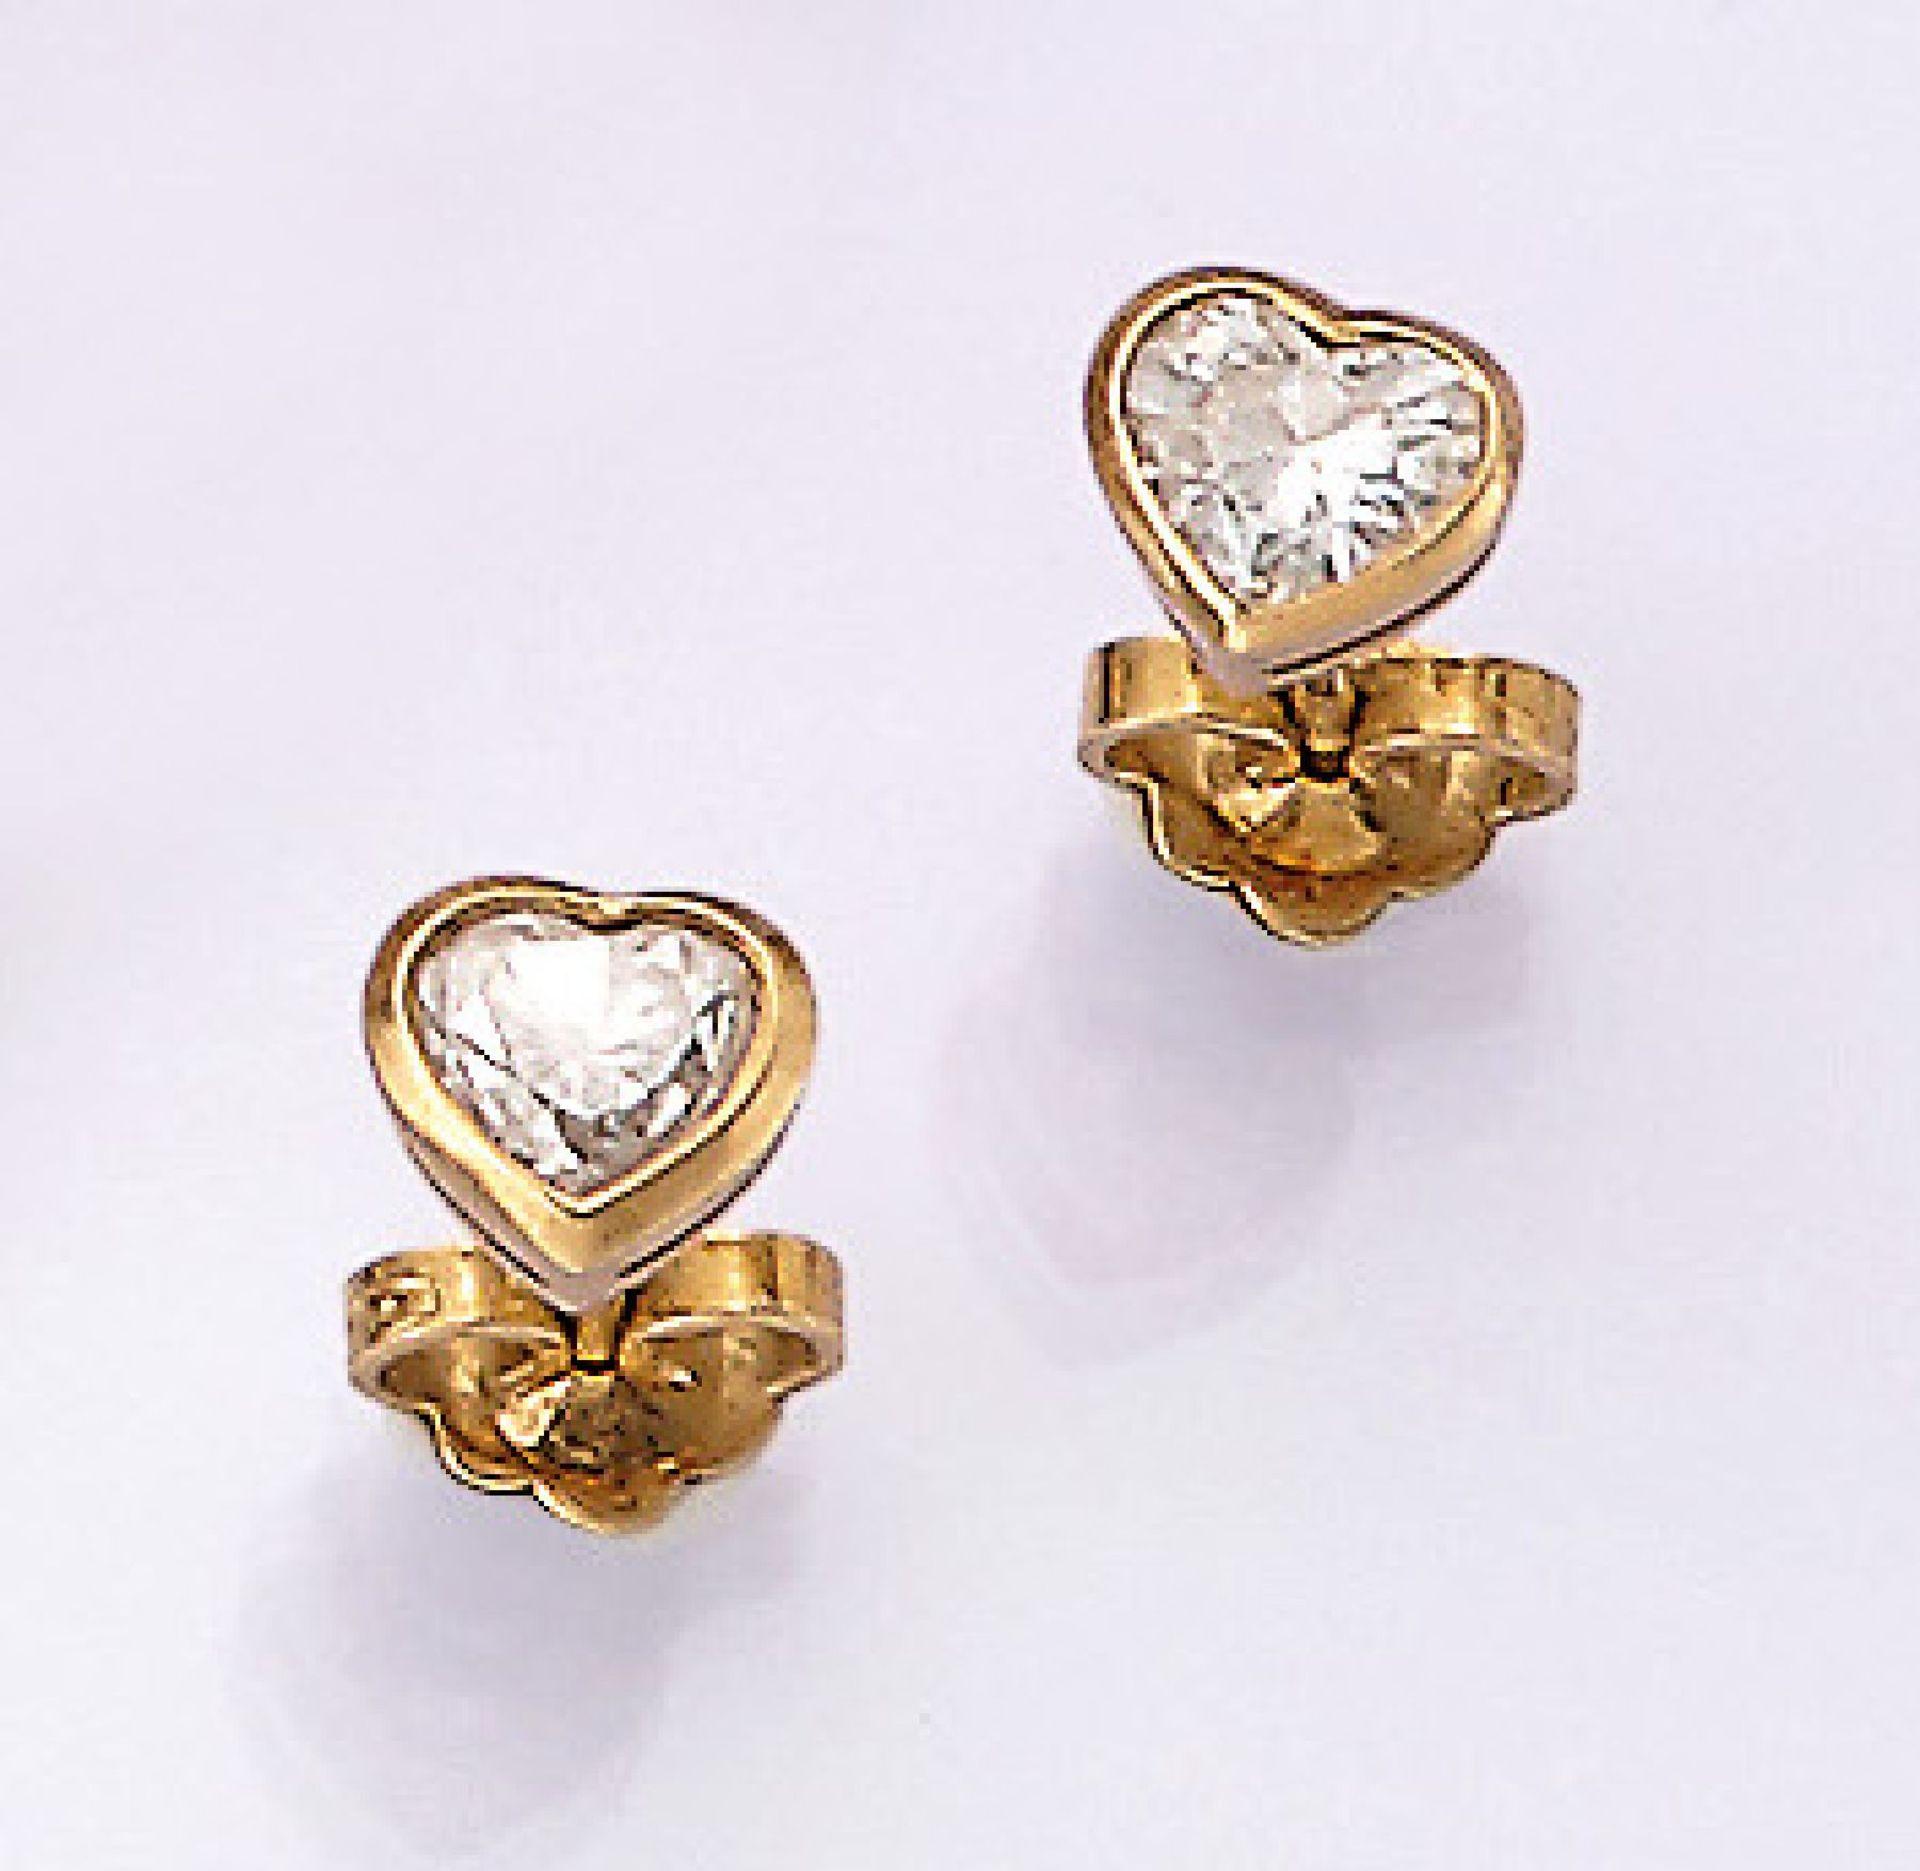 Los 31524 - Paar 18 kt Gold Ohrstecker mit Diamanten, GG 750/000, 2 Diamantherzen zus. ca. 1.10 ct Weiß/vs-